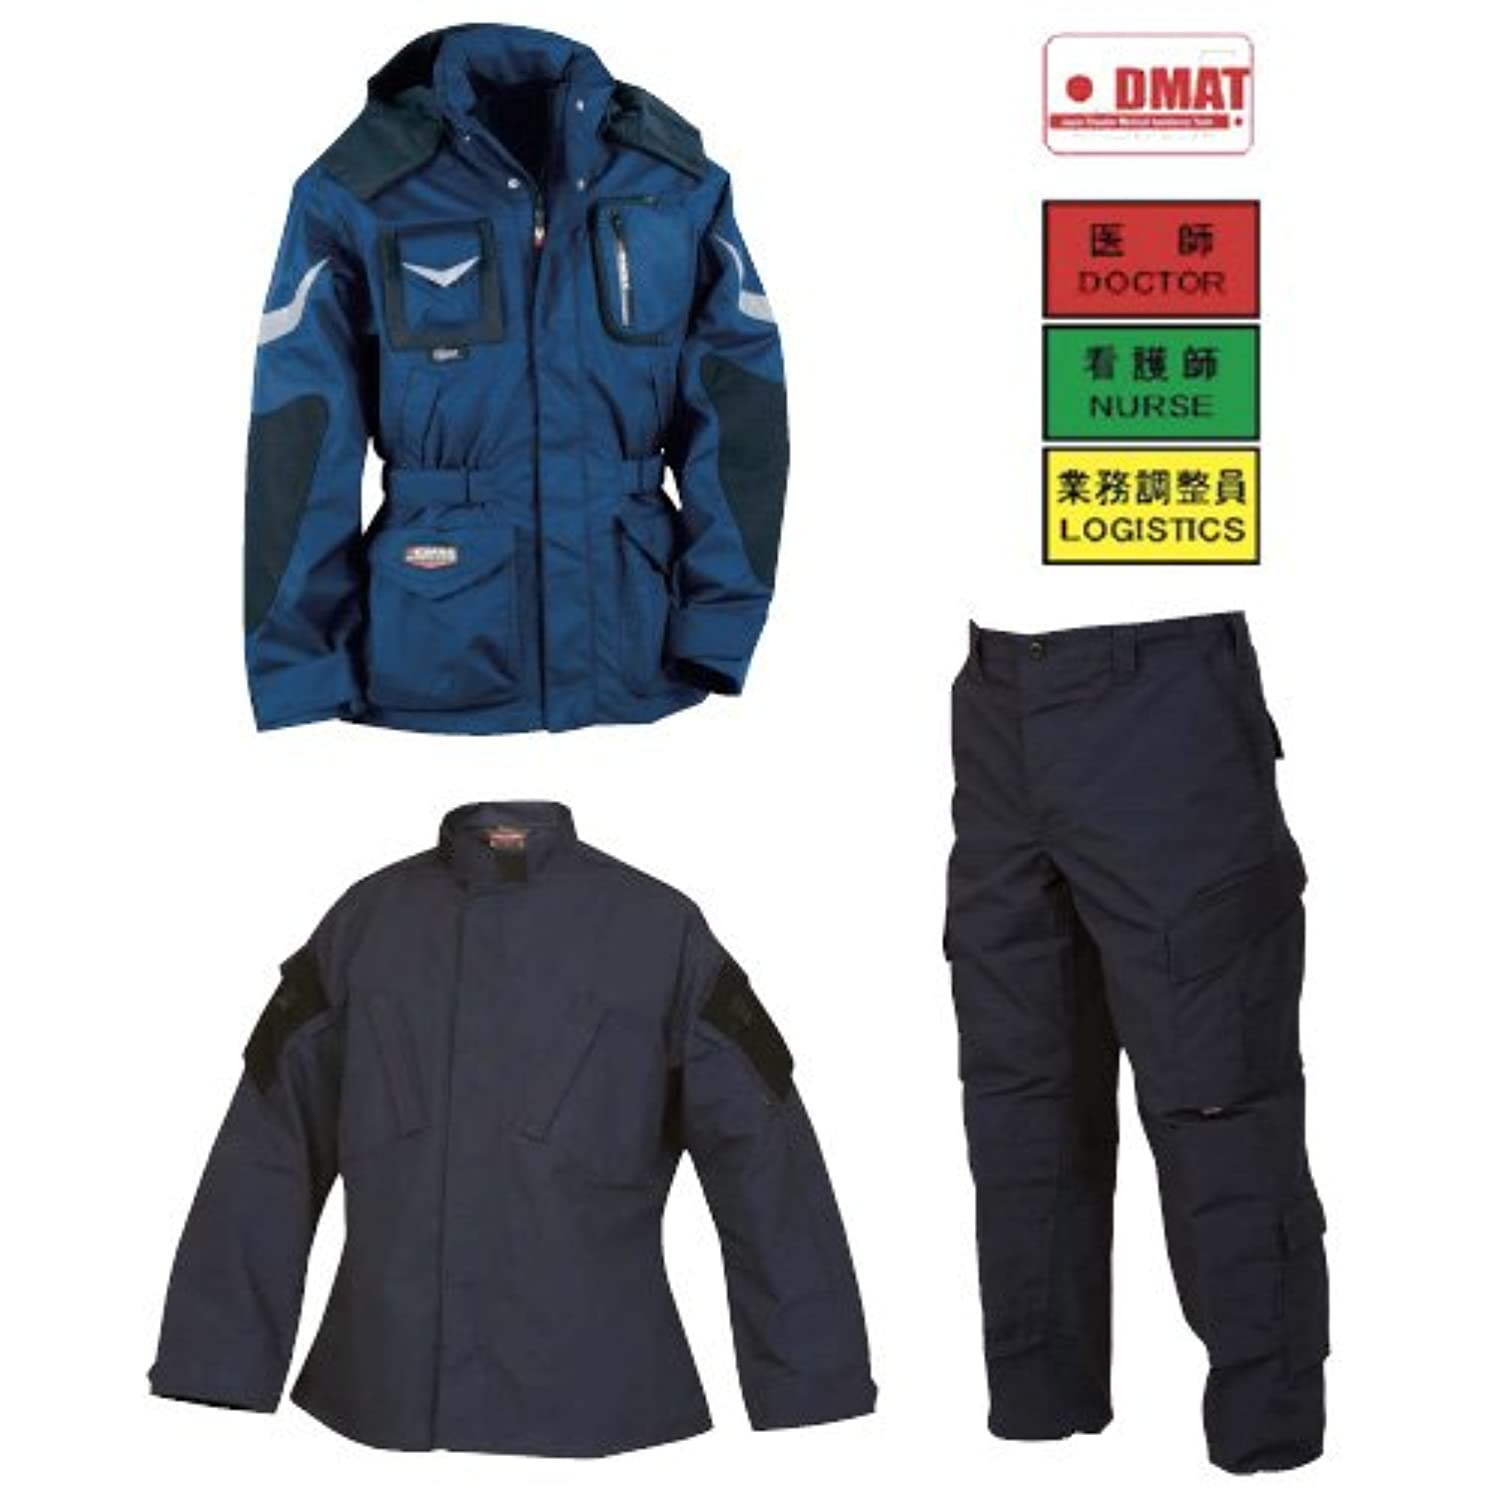 キウイ飲料炎上EMSユーティリティシャツ GLS-247S(S) EMS?????????? ネイビー(23-7533-00-01)【日本特装】[1枚単位]